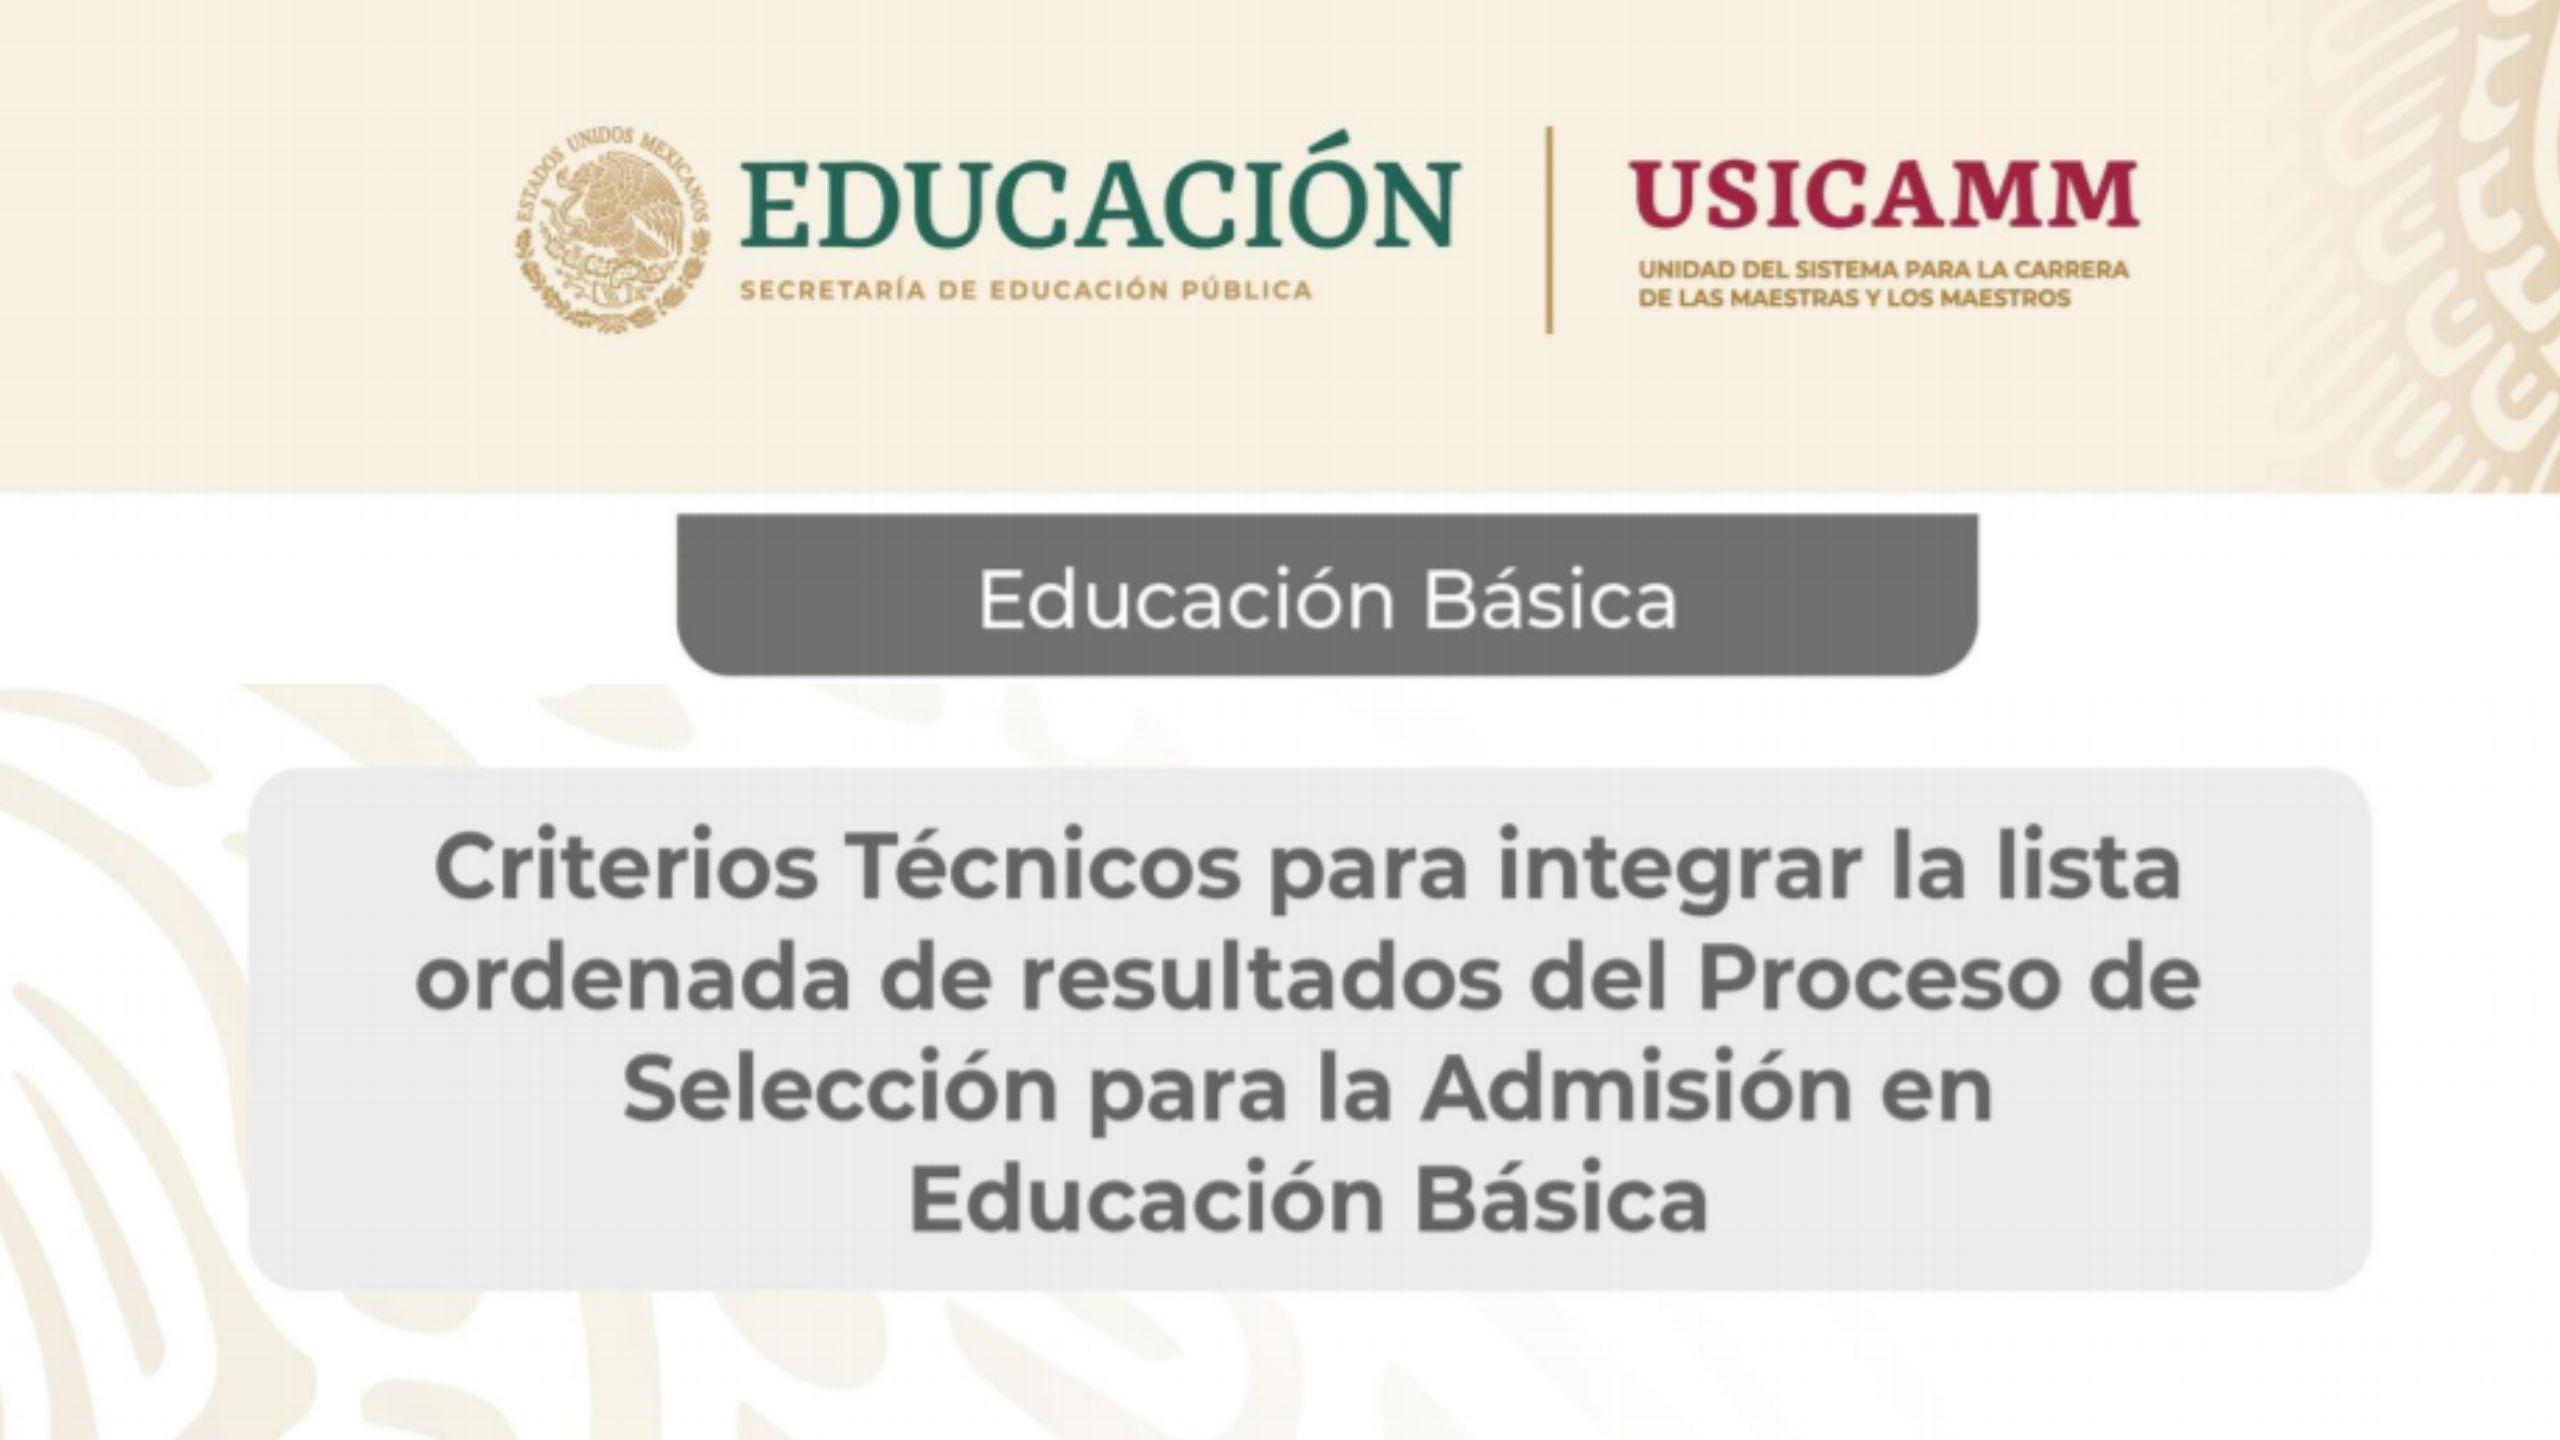 Criterios Técnicos para integrar la lista ordenada de resultados del Proceso de Selección para la ADMISIÓN en Educación Básica